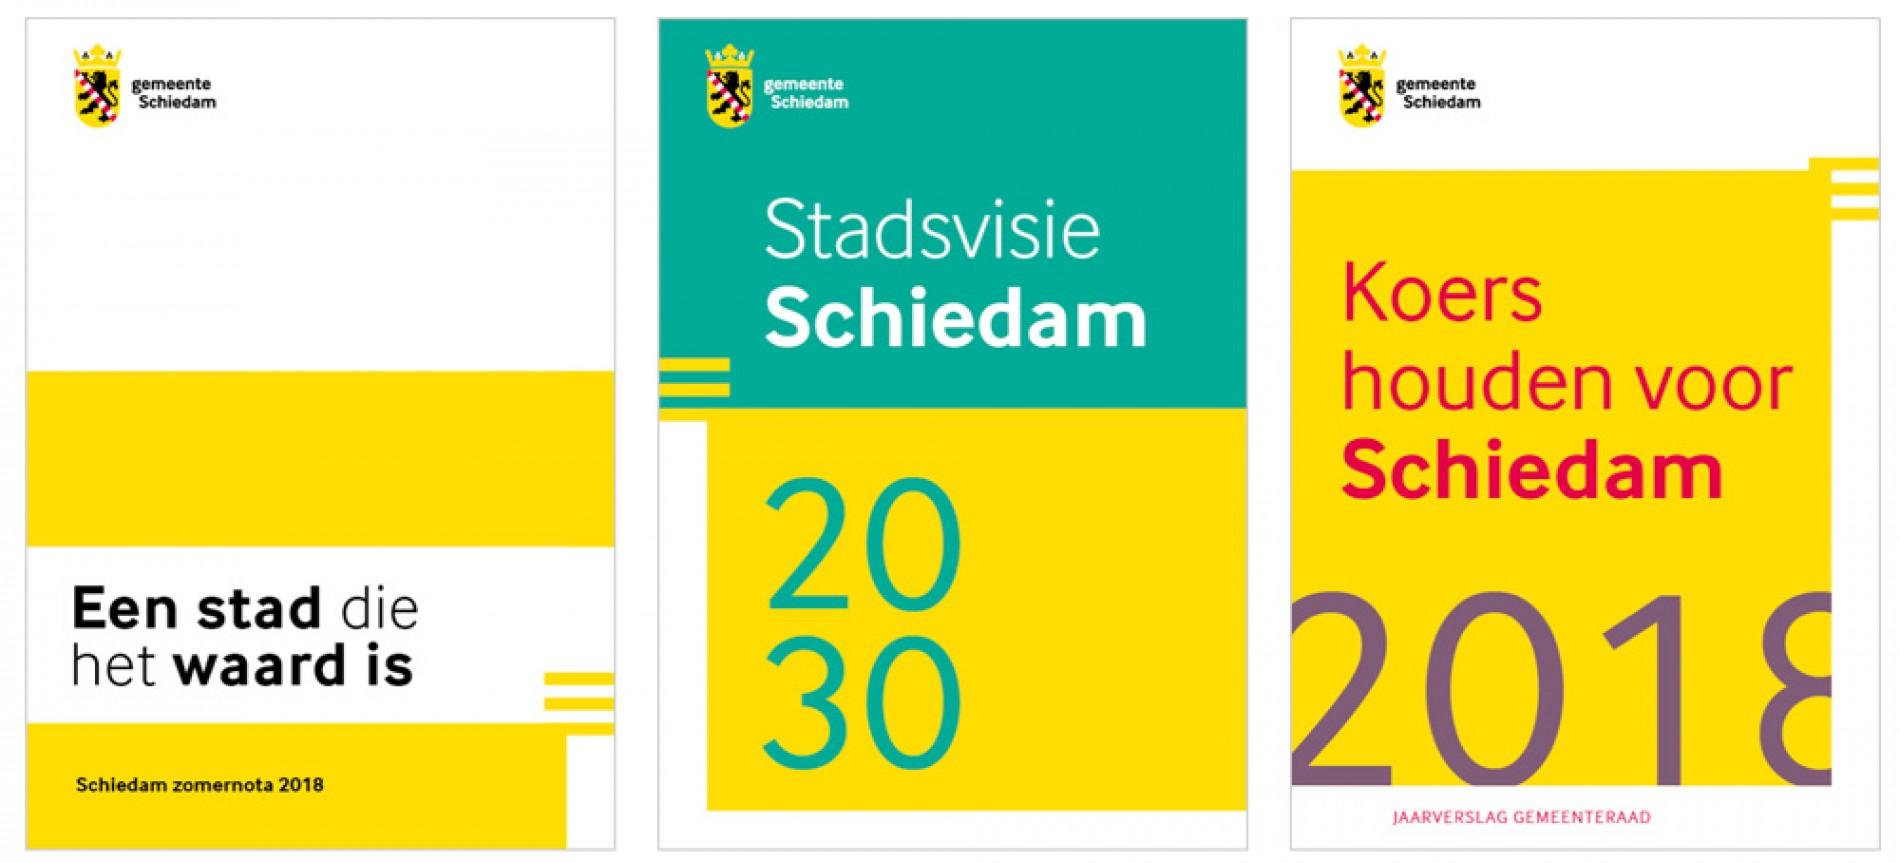 gemeente-schiedam-huisstijl02